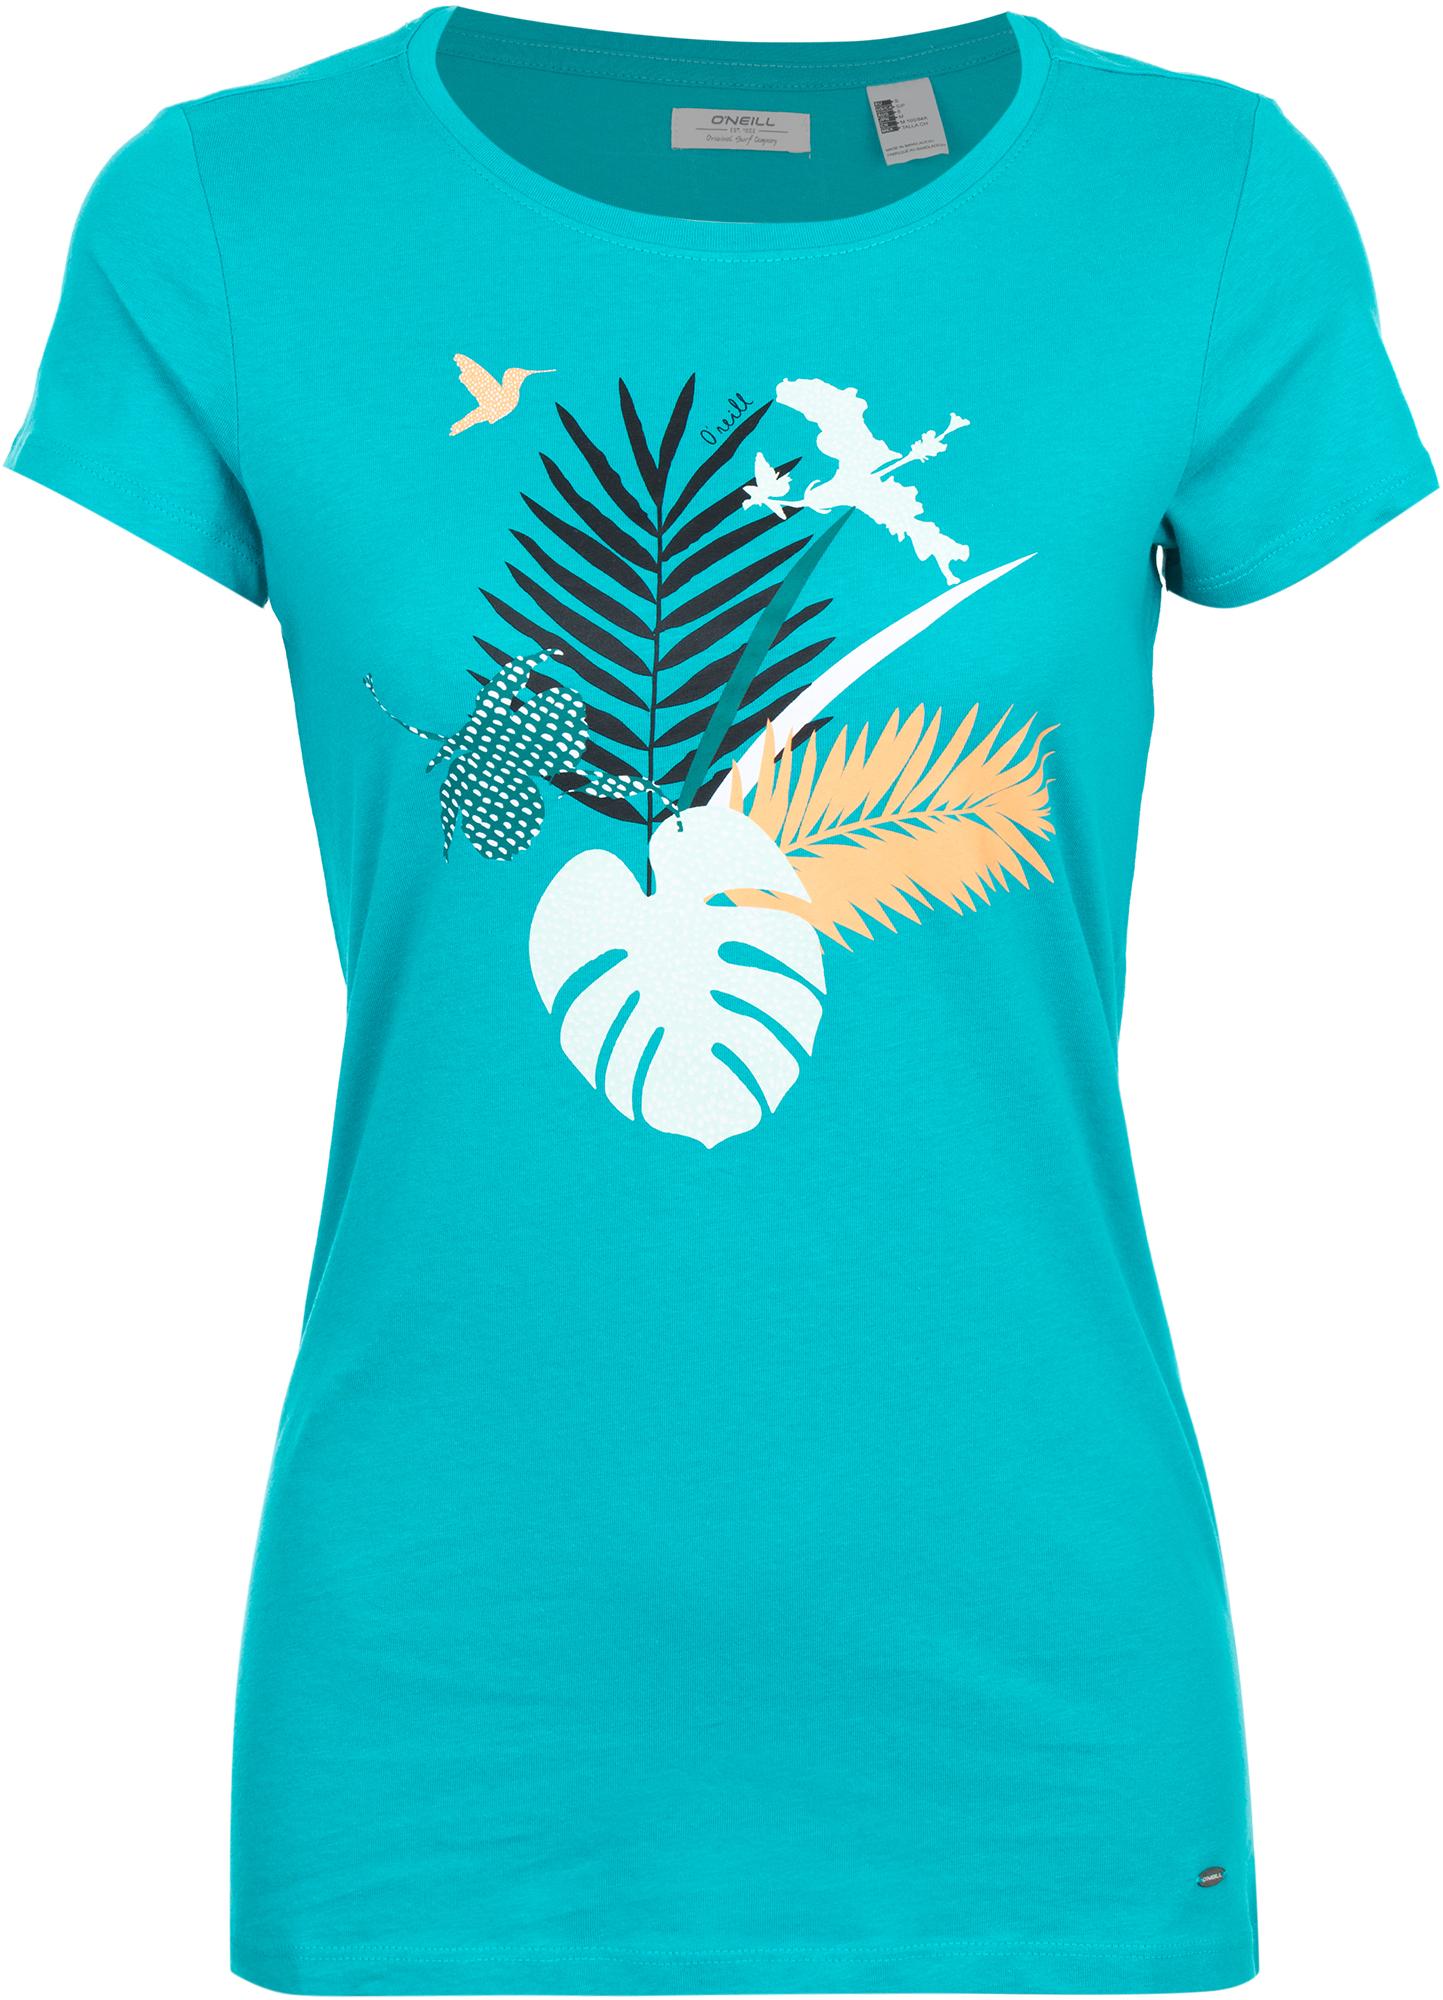 O'Neill Футболка женская O'Neill Bird Palm Graphic, размер 50-52